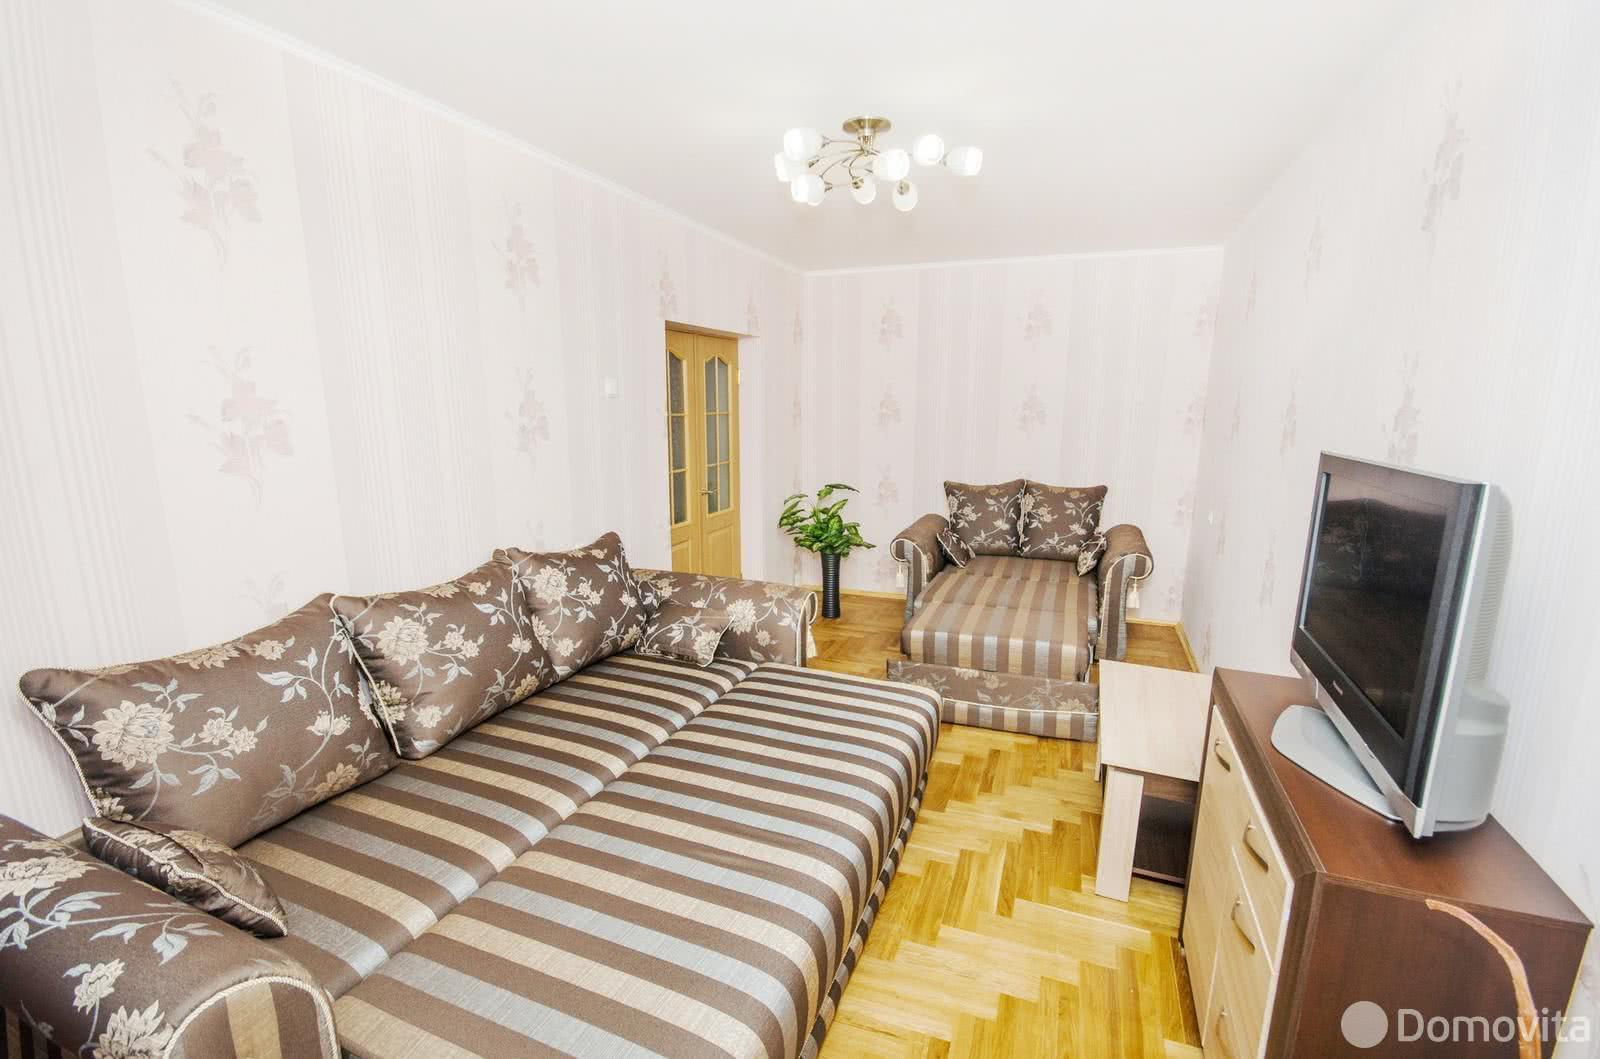 Аренда 2-комнатной квартиры на сутки в Минске ул. Обойная, д. 4/2 - фото 3